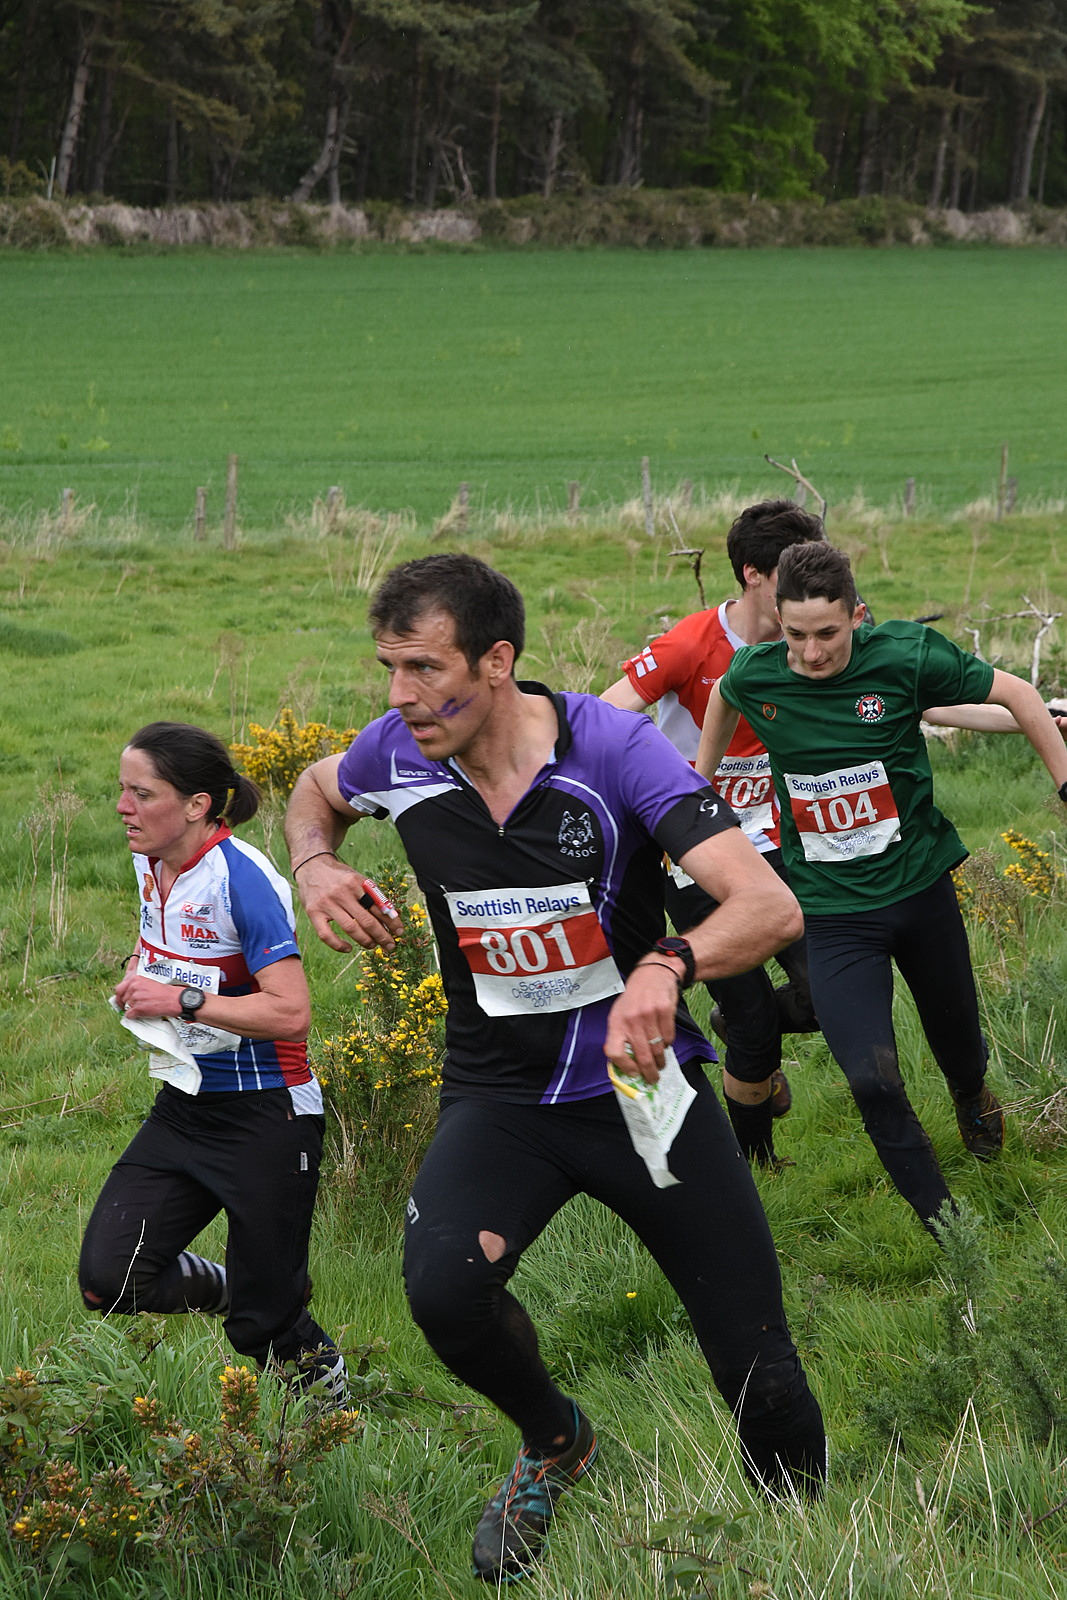 Orienteers racing hard in the Scottish outdoors